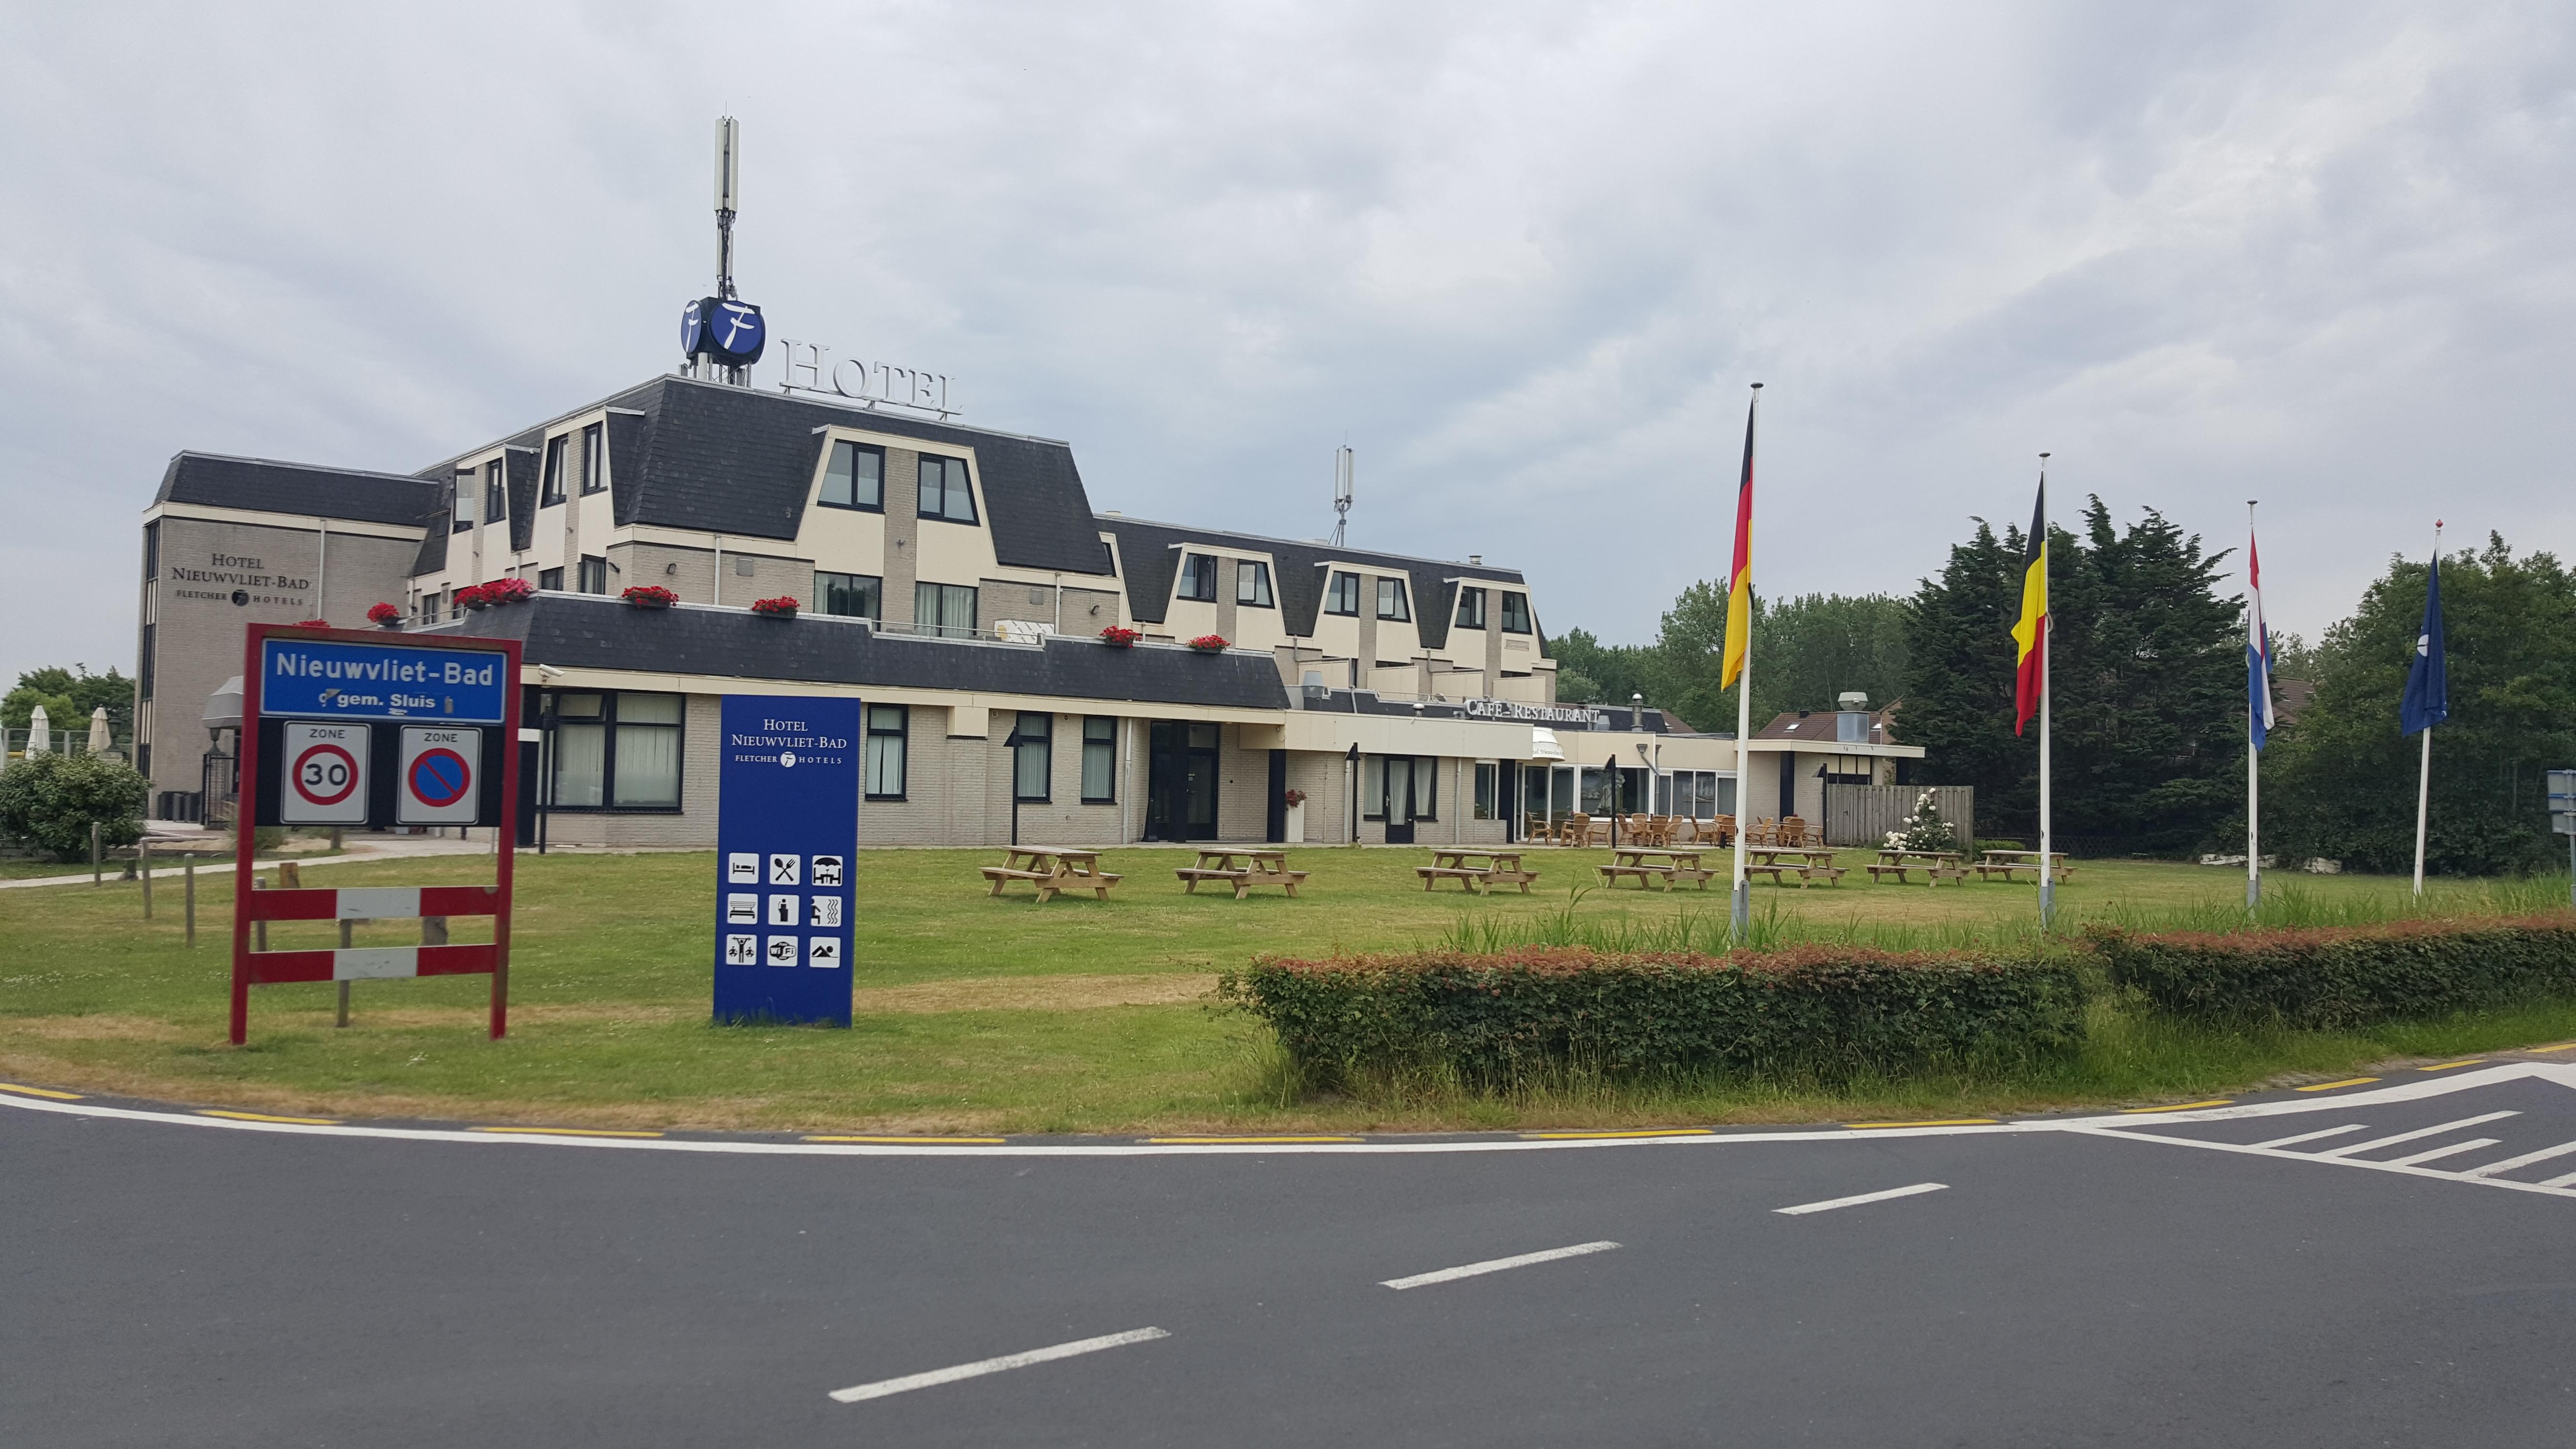 Fletcher Hotel-Restaurant Nieuwvliet Bad, Sluis